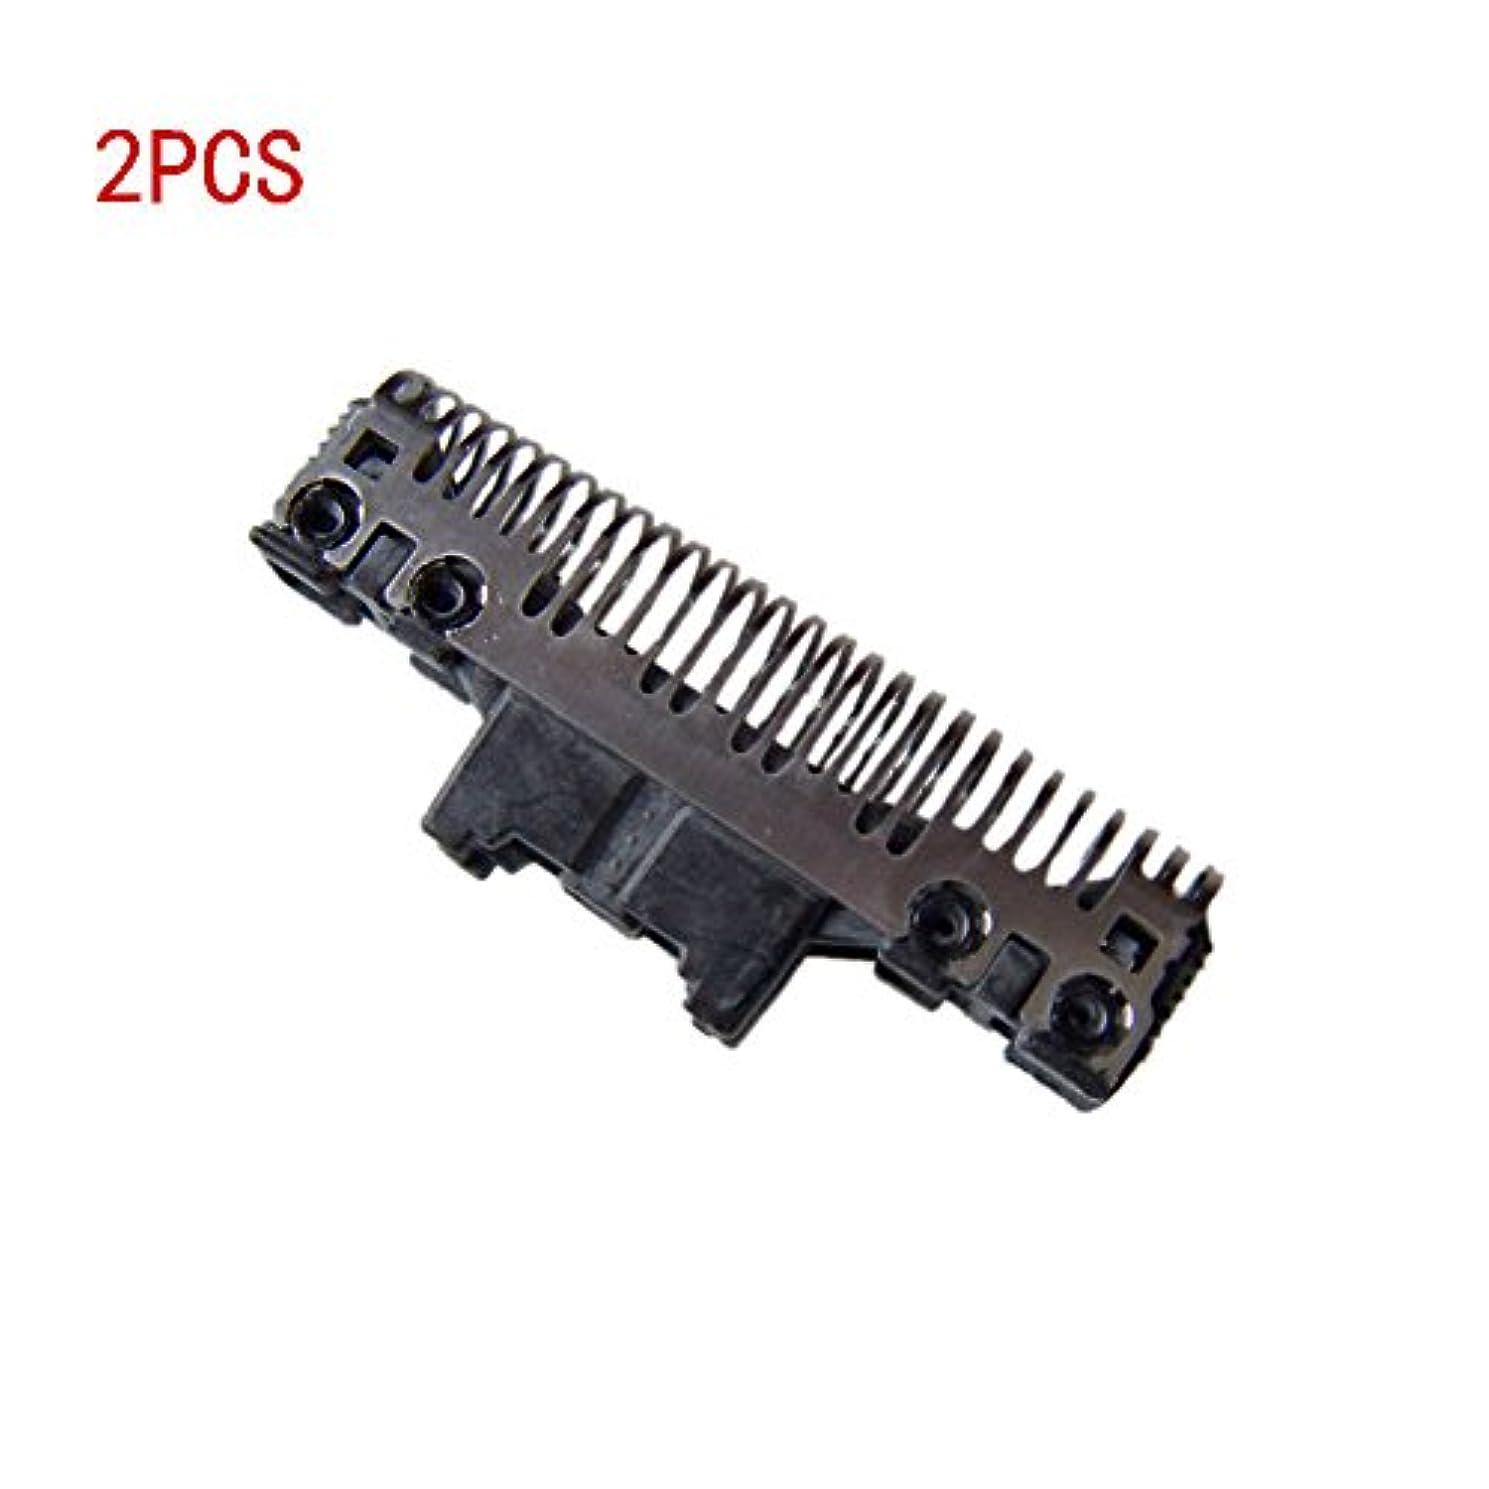 アミューズ毎日ゲージDeylaying シェーバー替刃 往復式シェーバー パーツ 内刃 耐用 高質量 for Panasonic ES9072/7021/7022/7023/7026/7027/7006/7007